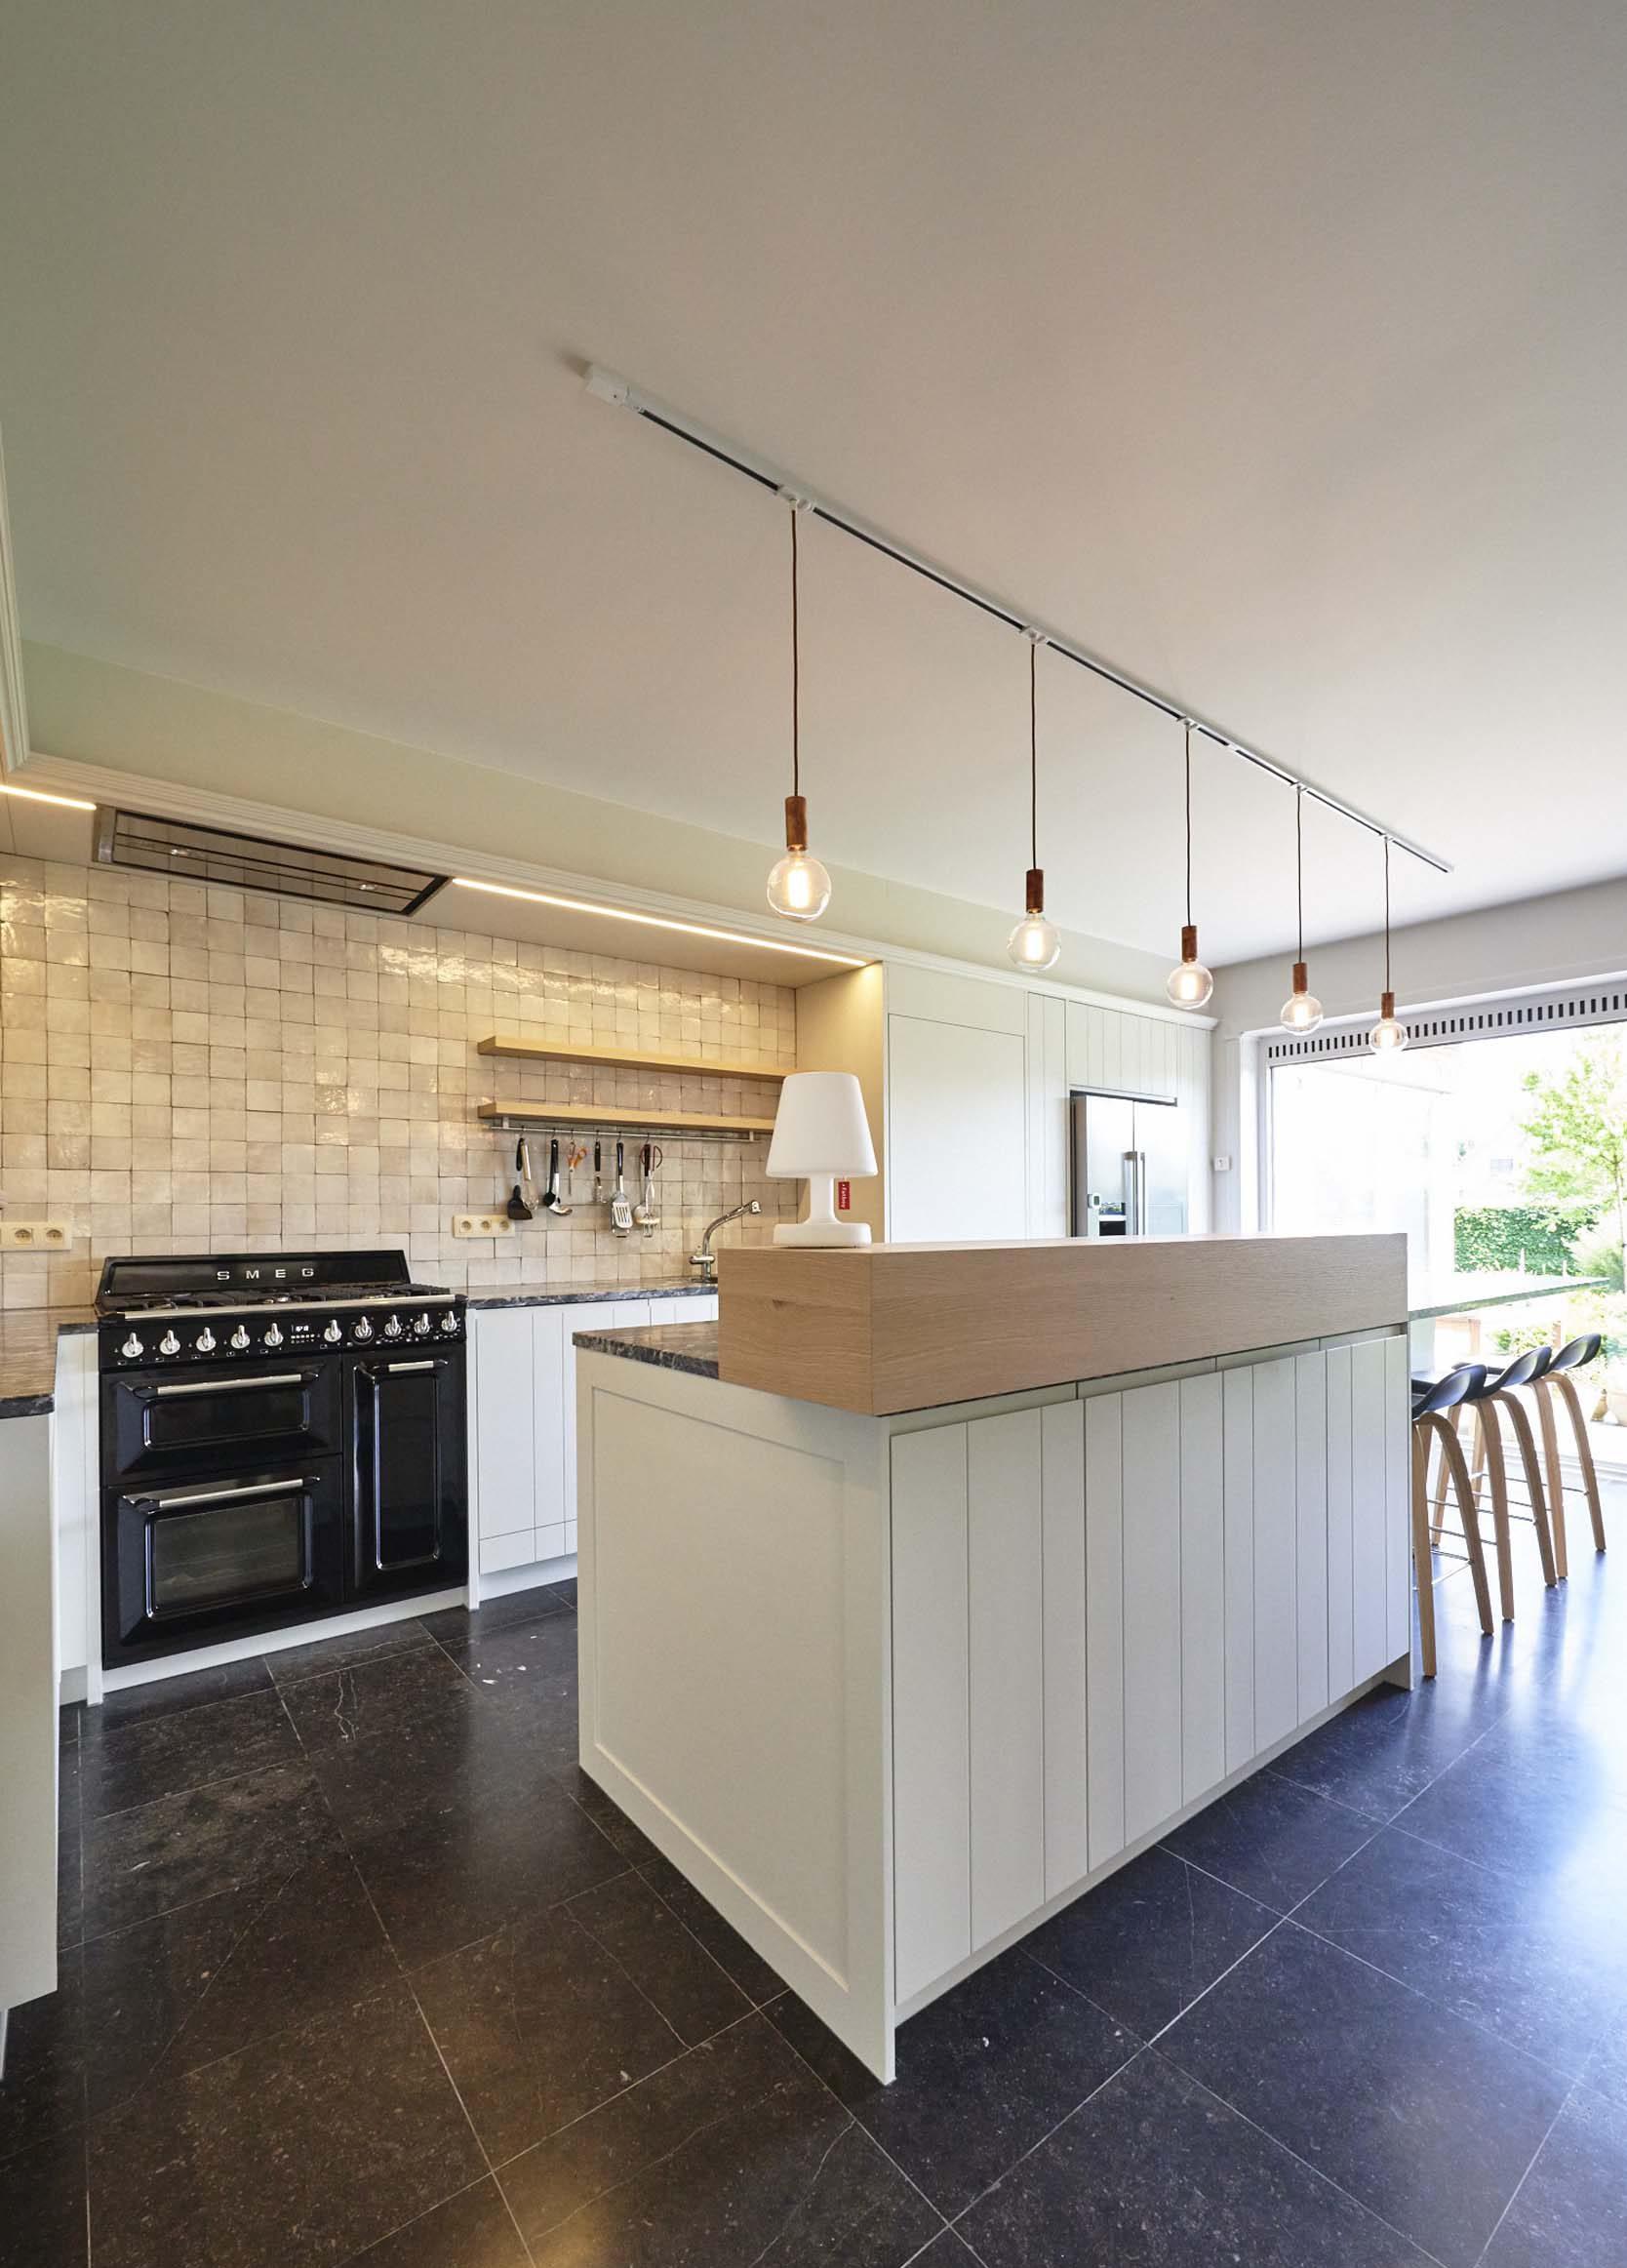 Vanda-projects-interieurinrichting-meubelmakerij-oost-vlaanderen-dumoulin-keuken